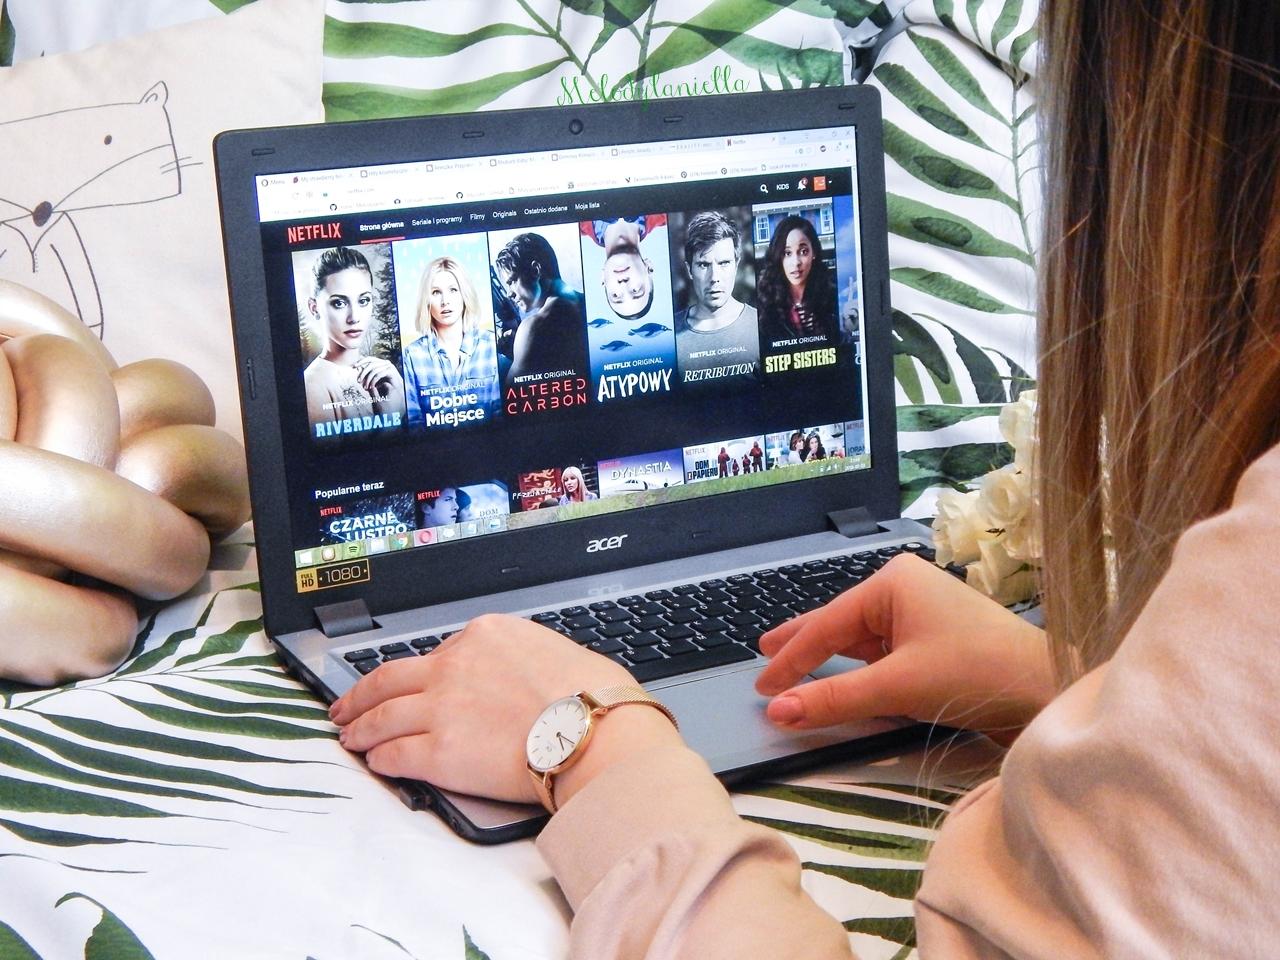 5seriale-z-netflixa-idealne-na-romantyczny-wieczor-co-warto-obejrzec-na-netflixie-filmy-seriale-dla-kobiet-dla-mlodziezy-na-romantyczny-wieczor-jak-spedzic-mily-wieczor-randke-noc-chillout-seriale-netflix-filmy